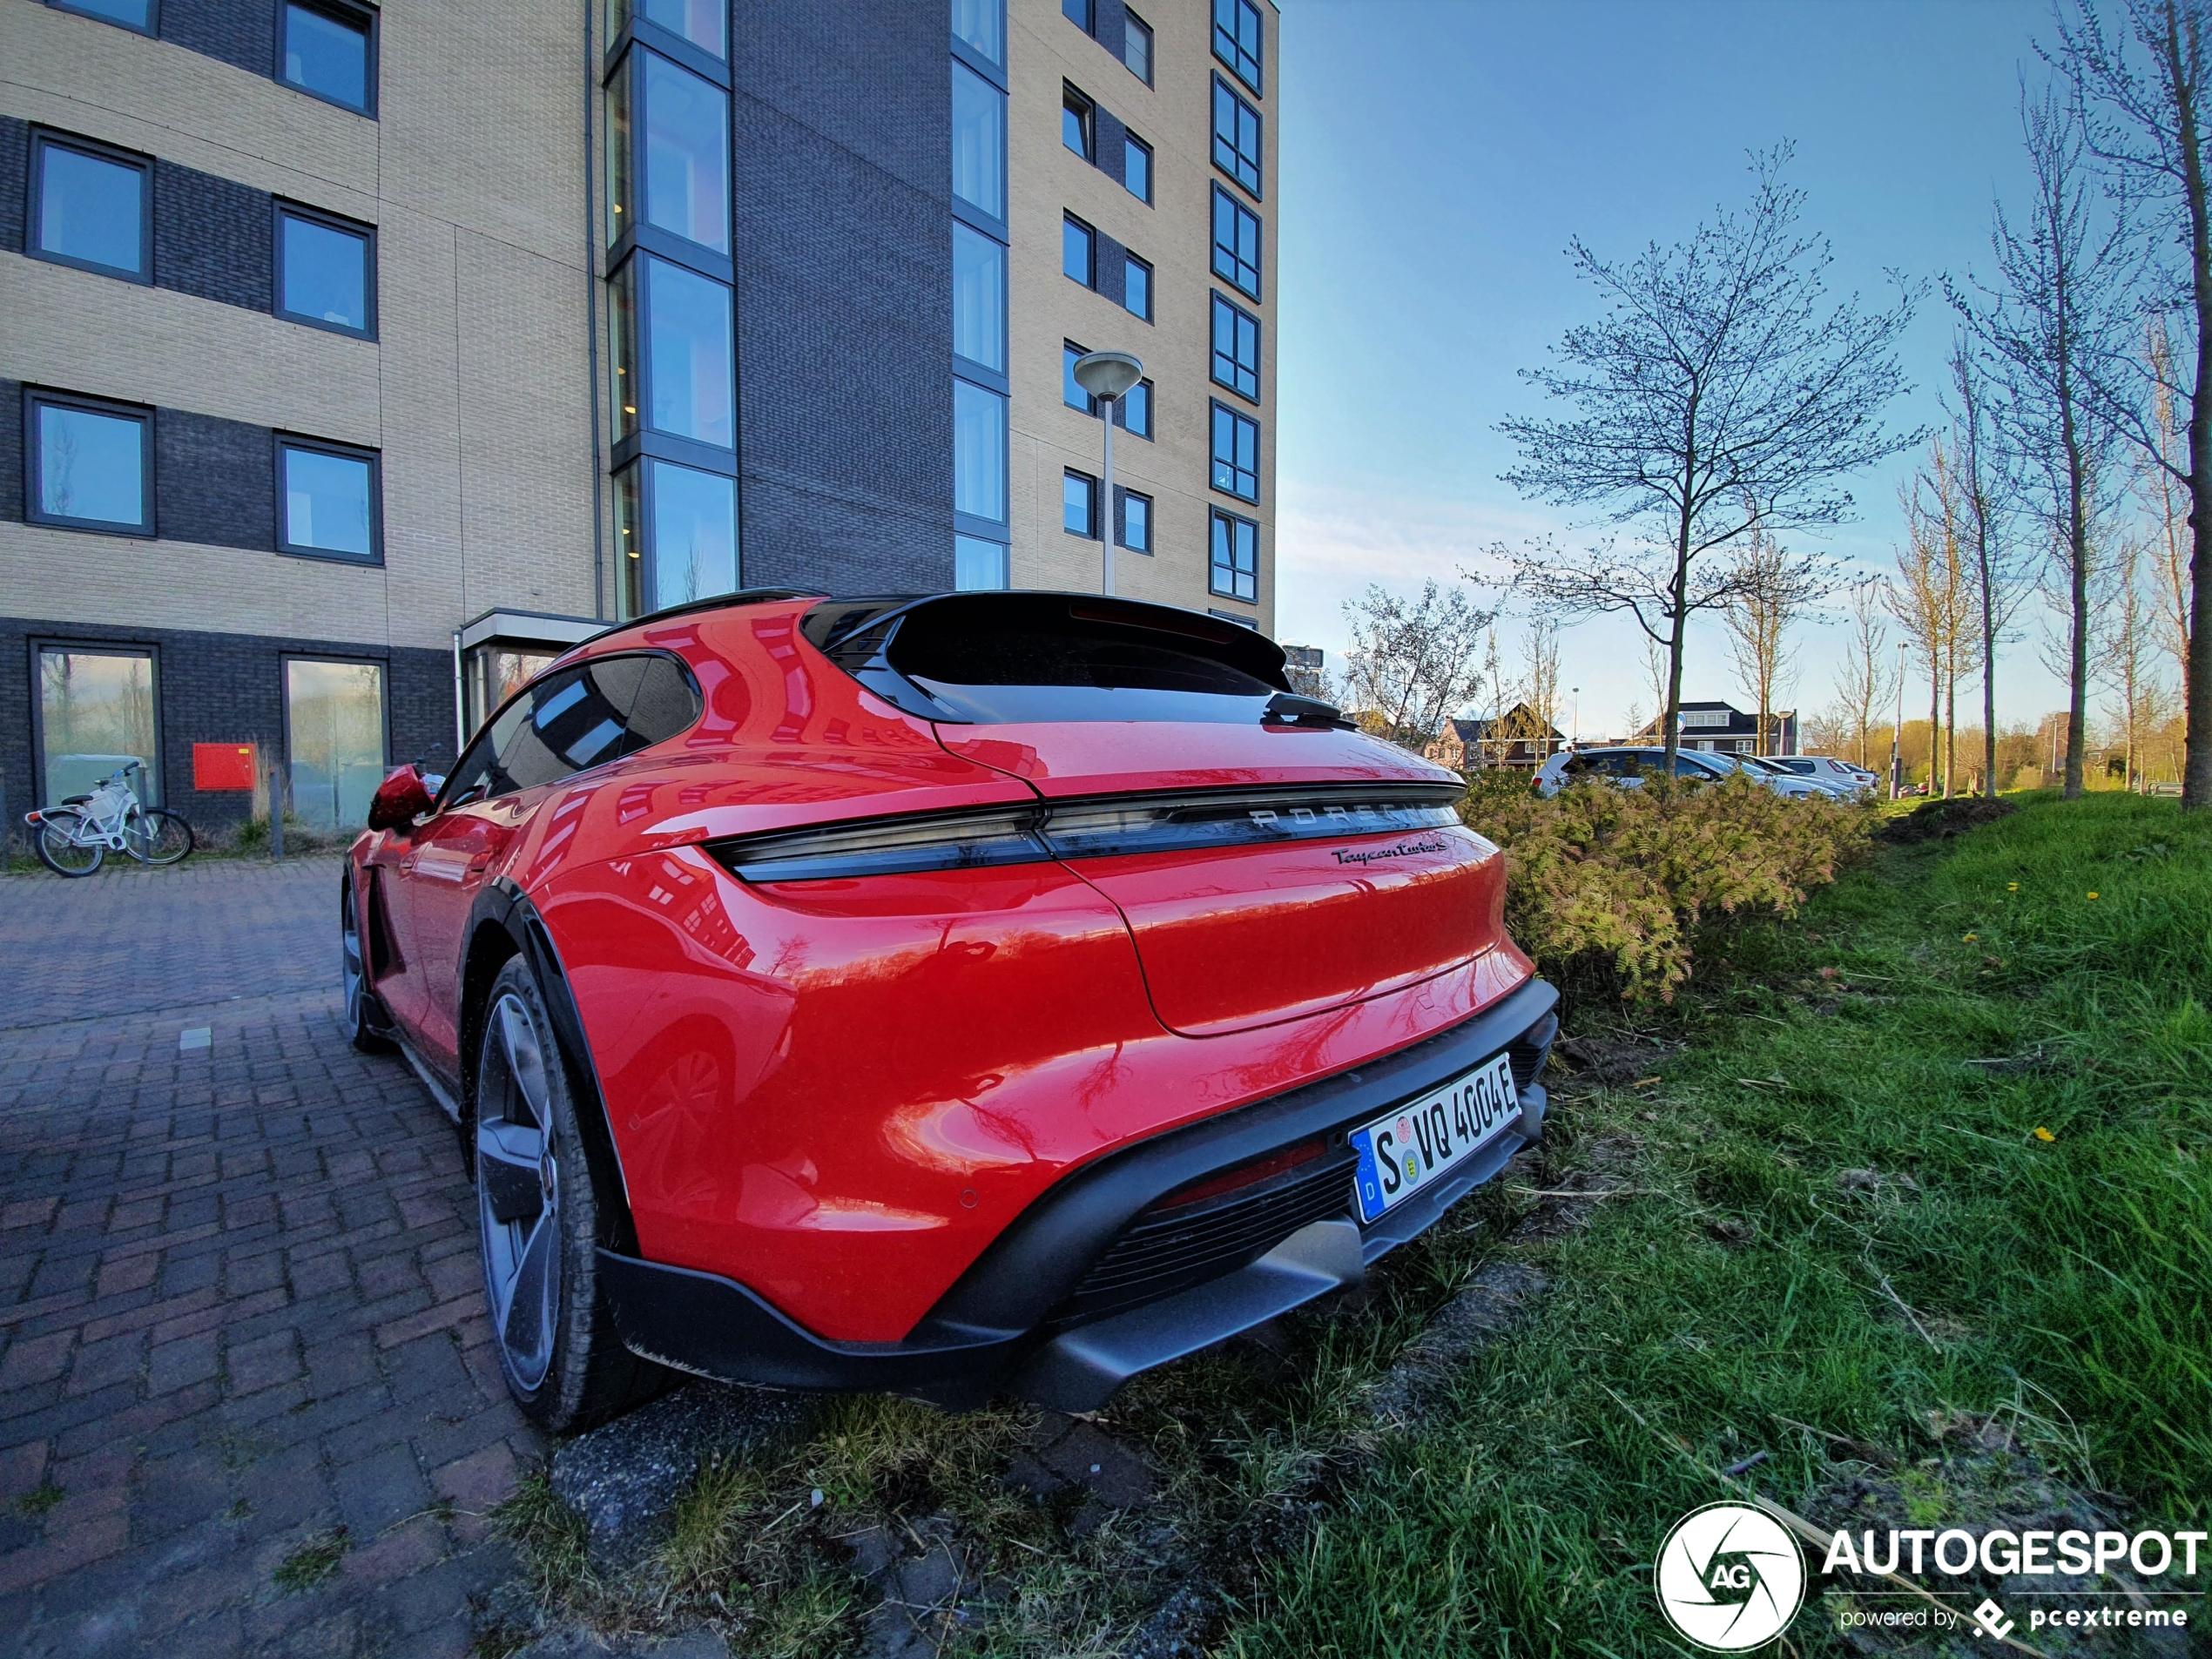 Porsche Taycan Turbo S Cross Turismo duikt op in Nederland